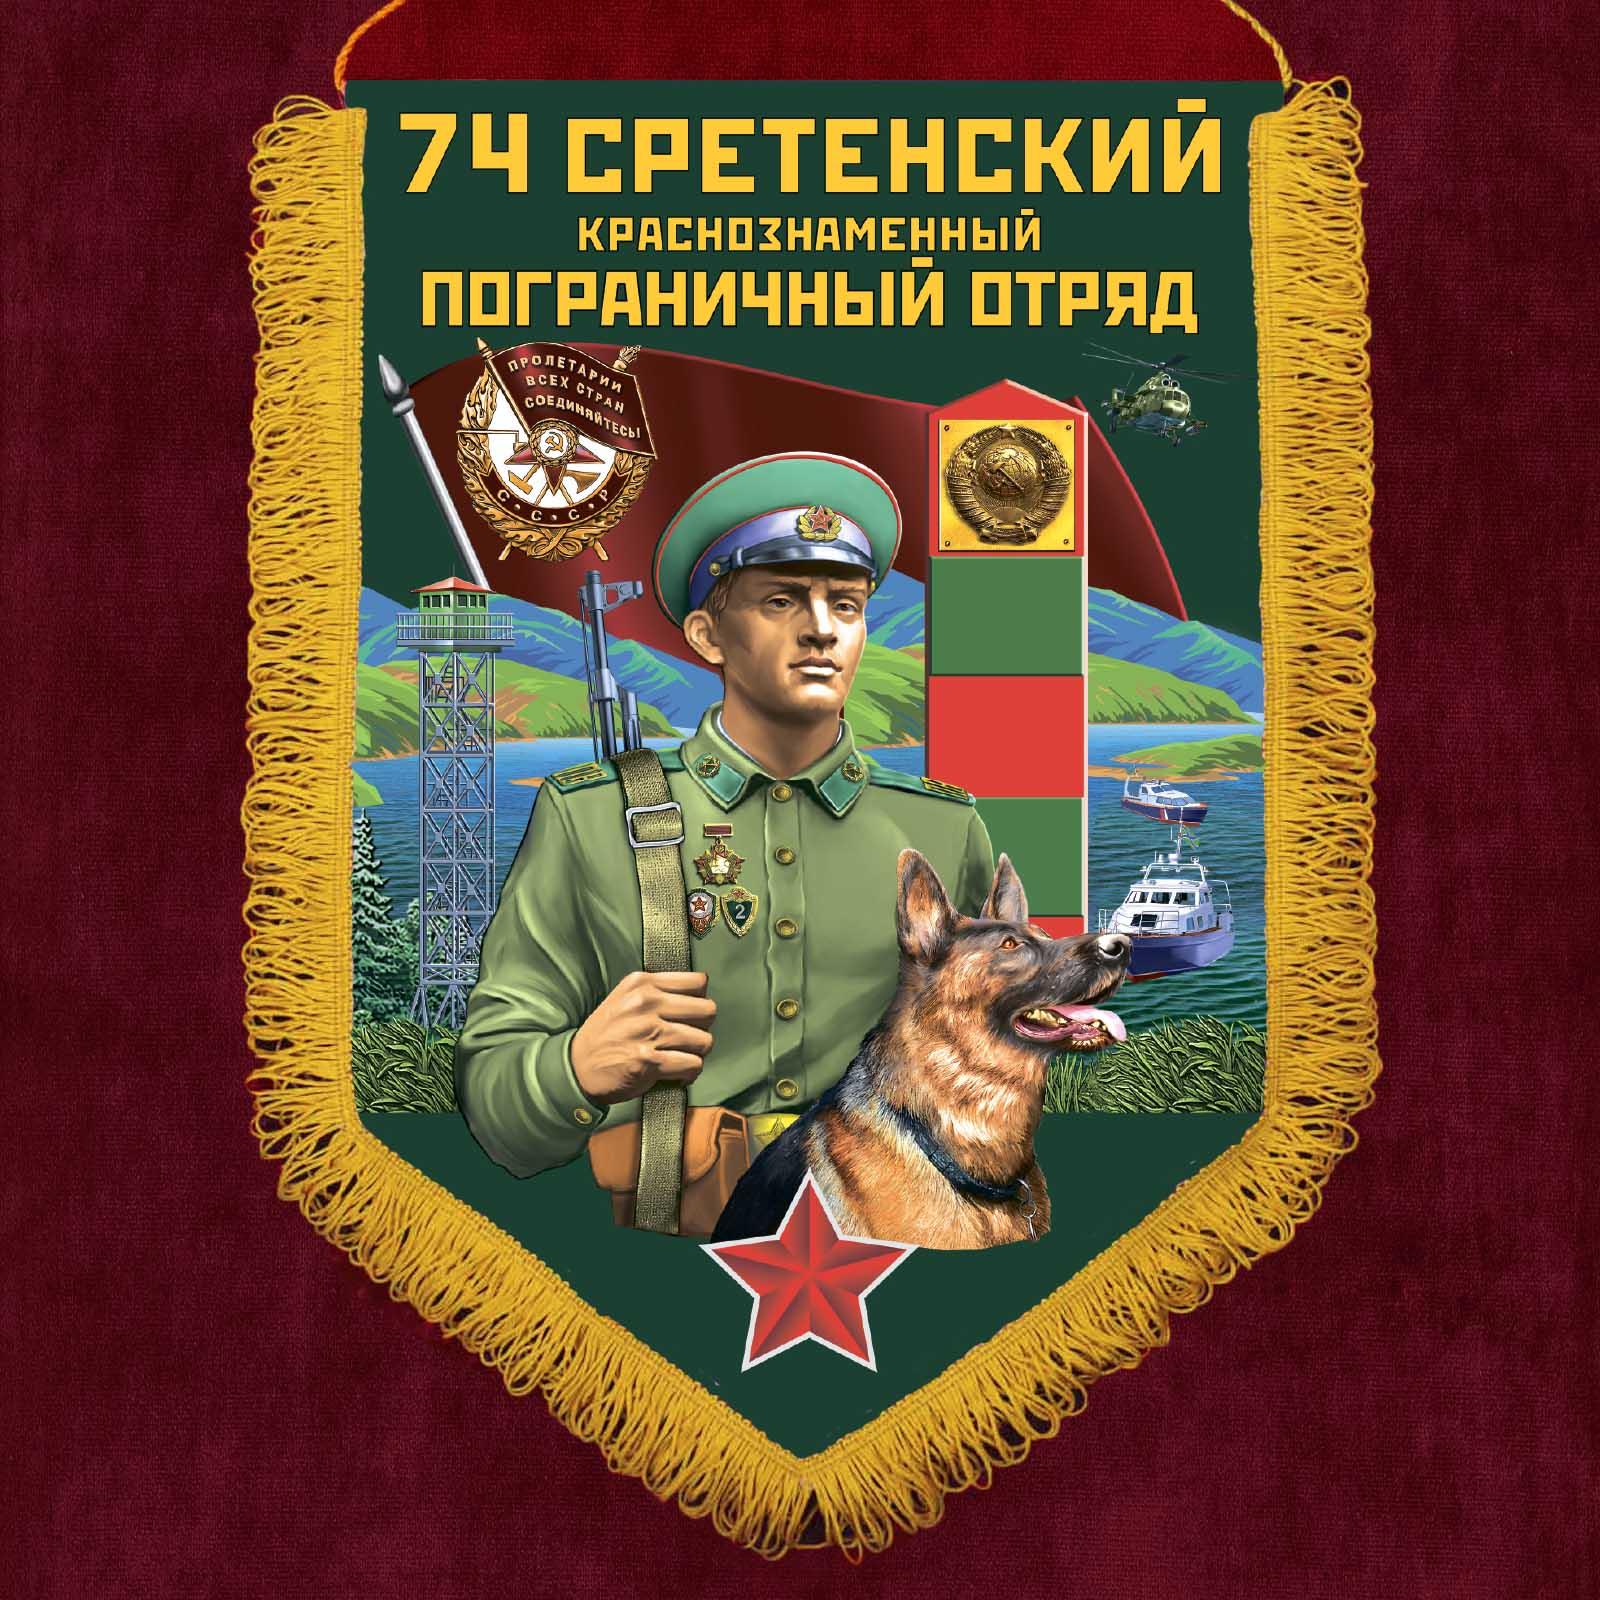 """Памятный вымпел """"74 Сретенский пограничный отряд"""""""